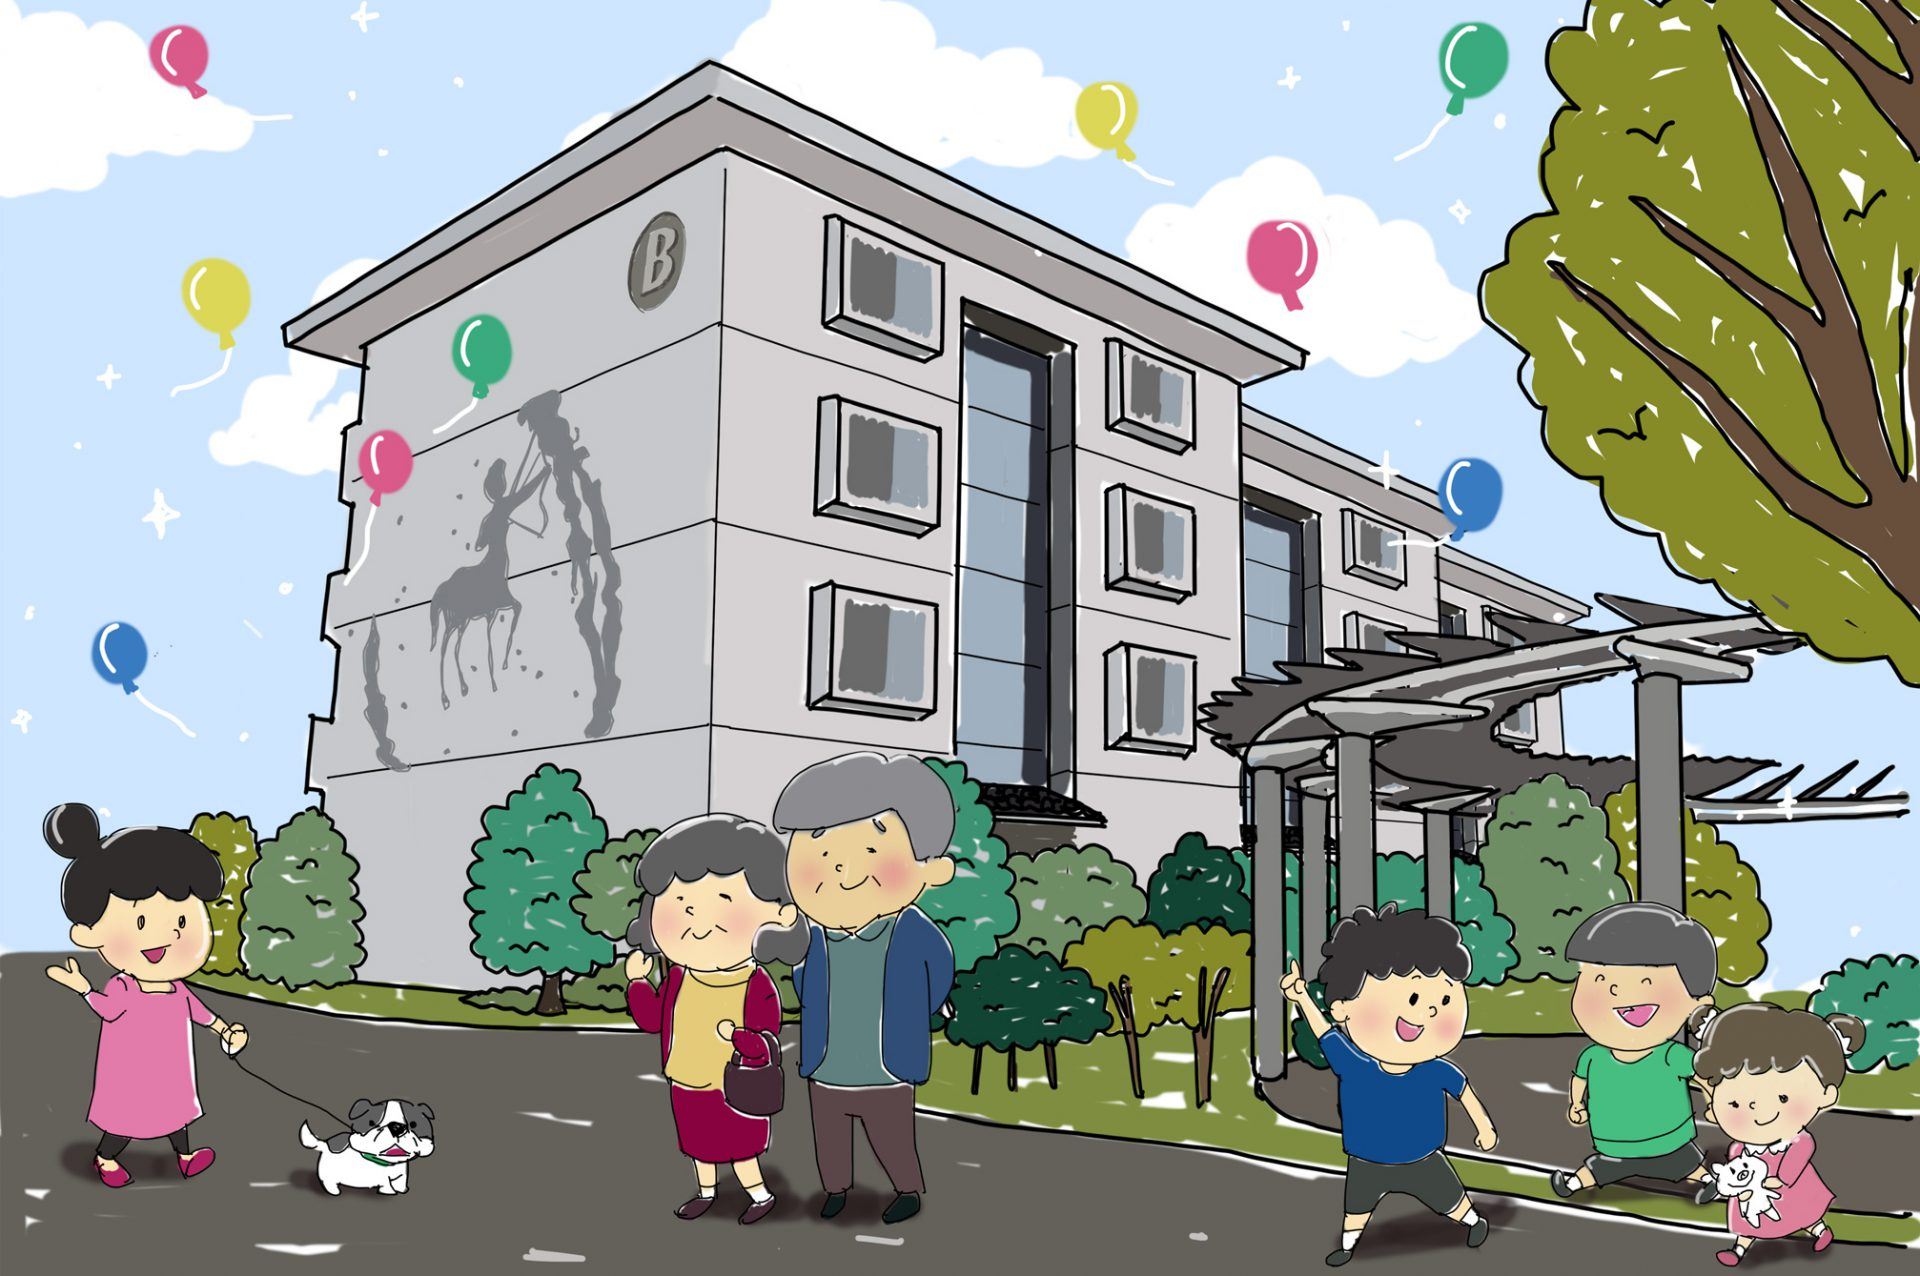 ホシノマチ団地 -長野県佐久市×サービス付き高齢者向け住宅×多世代コミュニティ